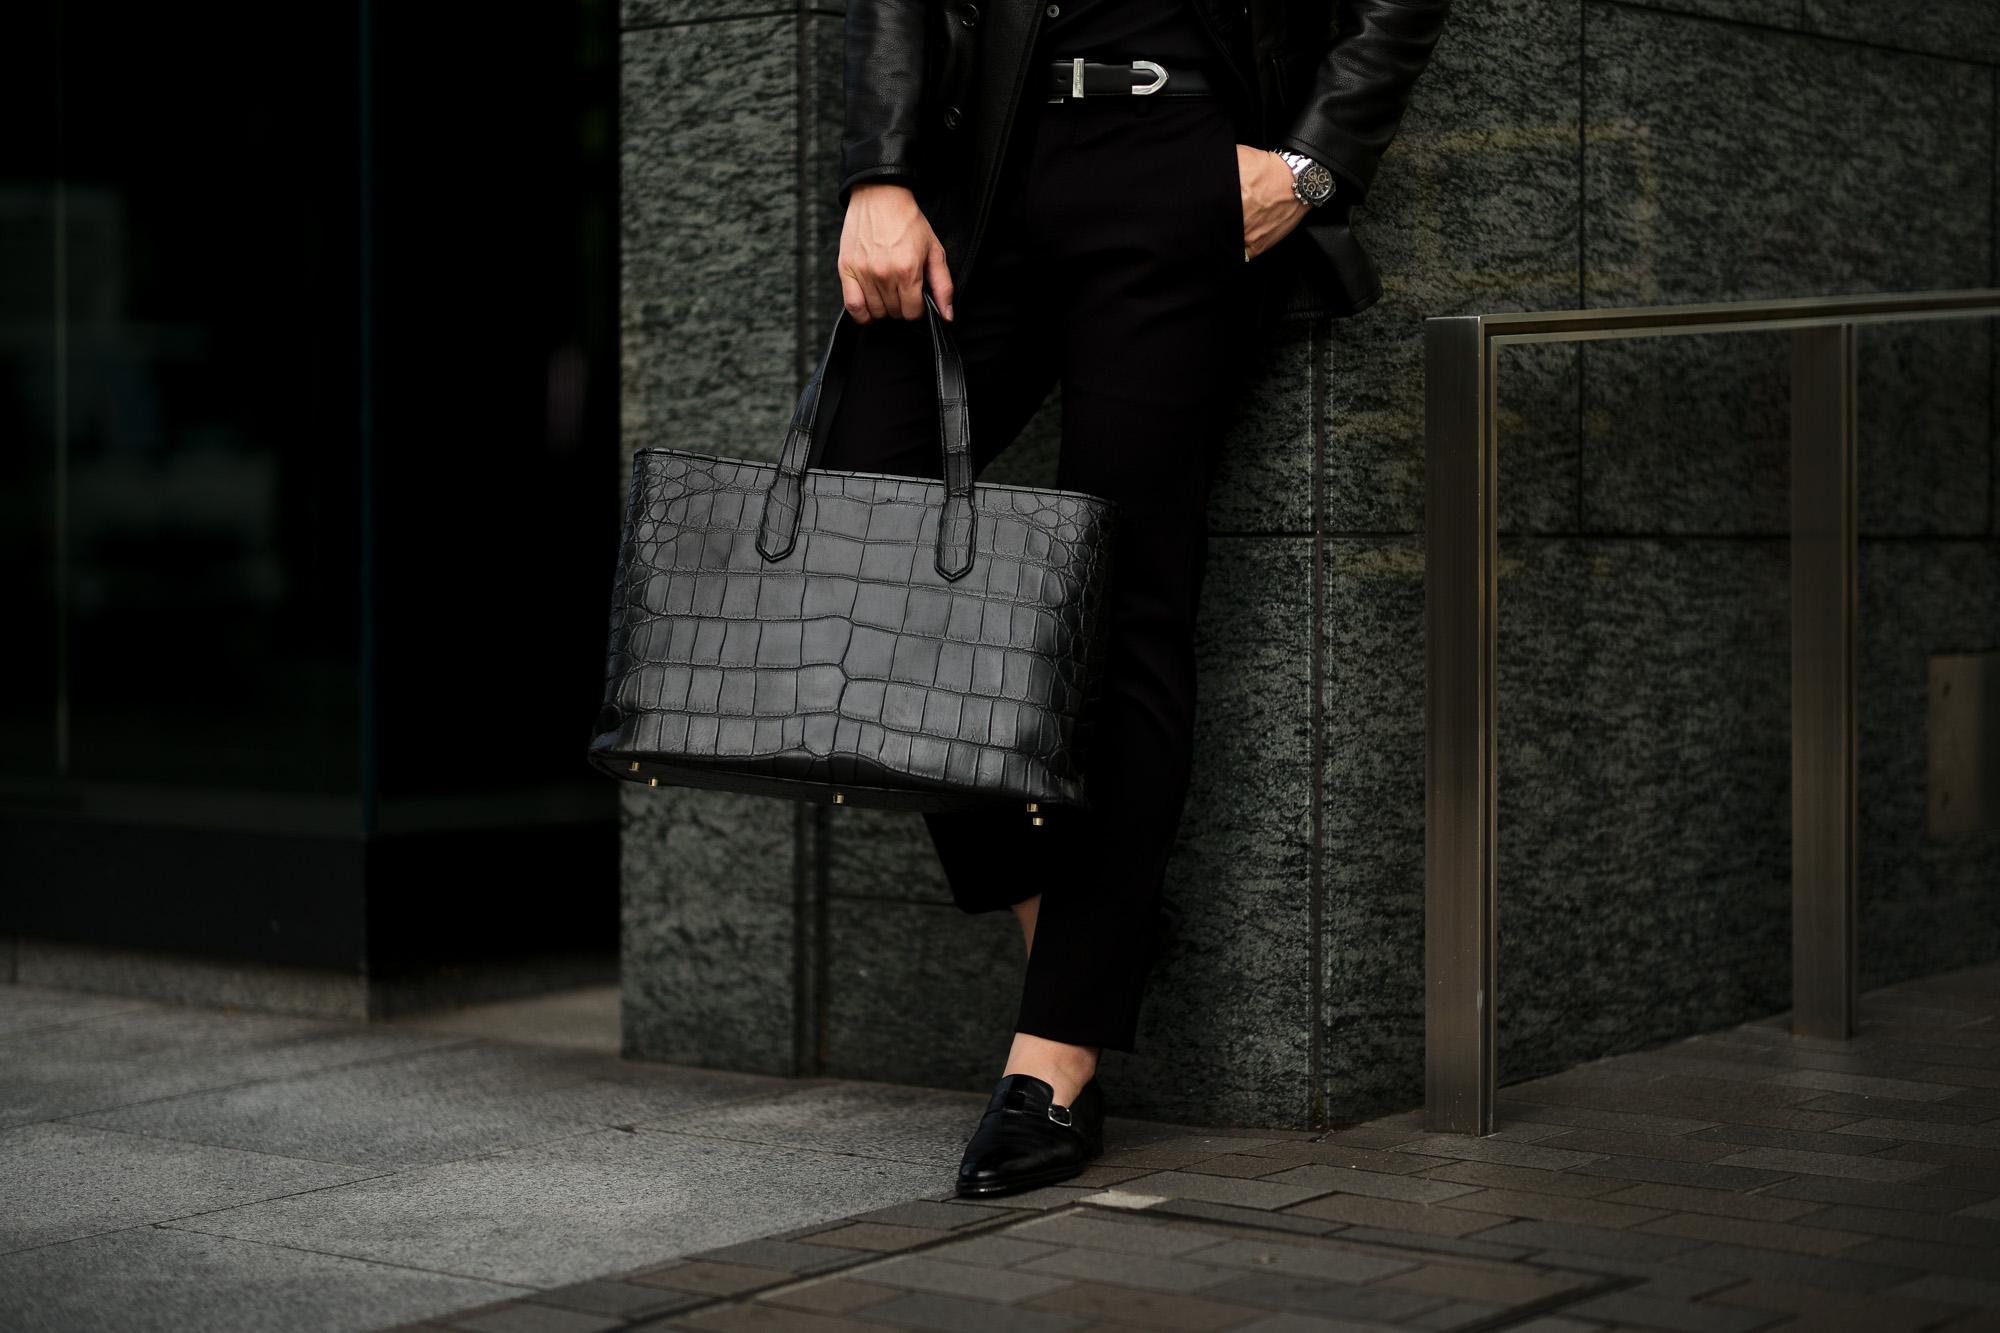 Cisei × 山本製鞄 (シセイ × 山本製鞄) Crocodile Tote Bag Large (クロコダイル トートバッグ ラージ) Large Crocodile Leather (ワニ革) ラージクロコダイル トート バッグ BLACK(ブラック),NAVY(ネイビー),BROWN(ブラウン) Made in Japan (日本製) cisei yamamotoseiho トートバック クロコ 愛知 名古屋 Alto e Diritto アルト エ デリット